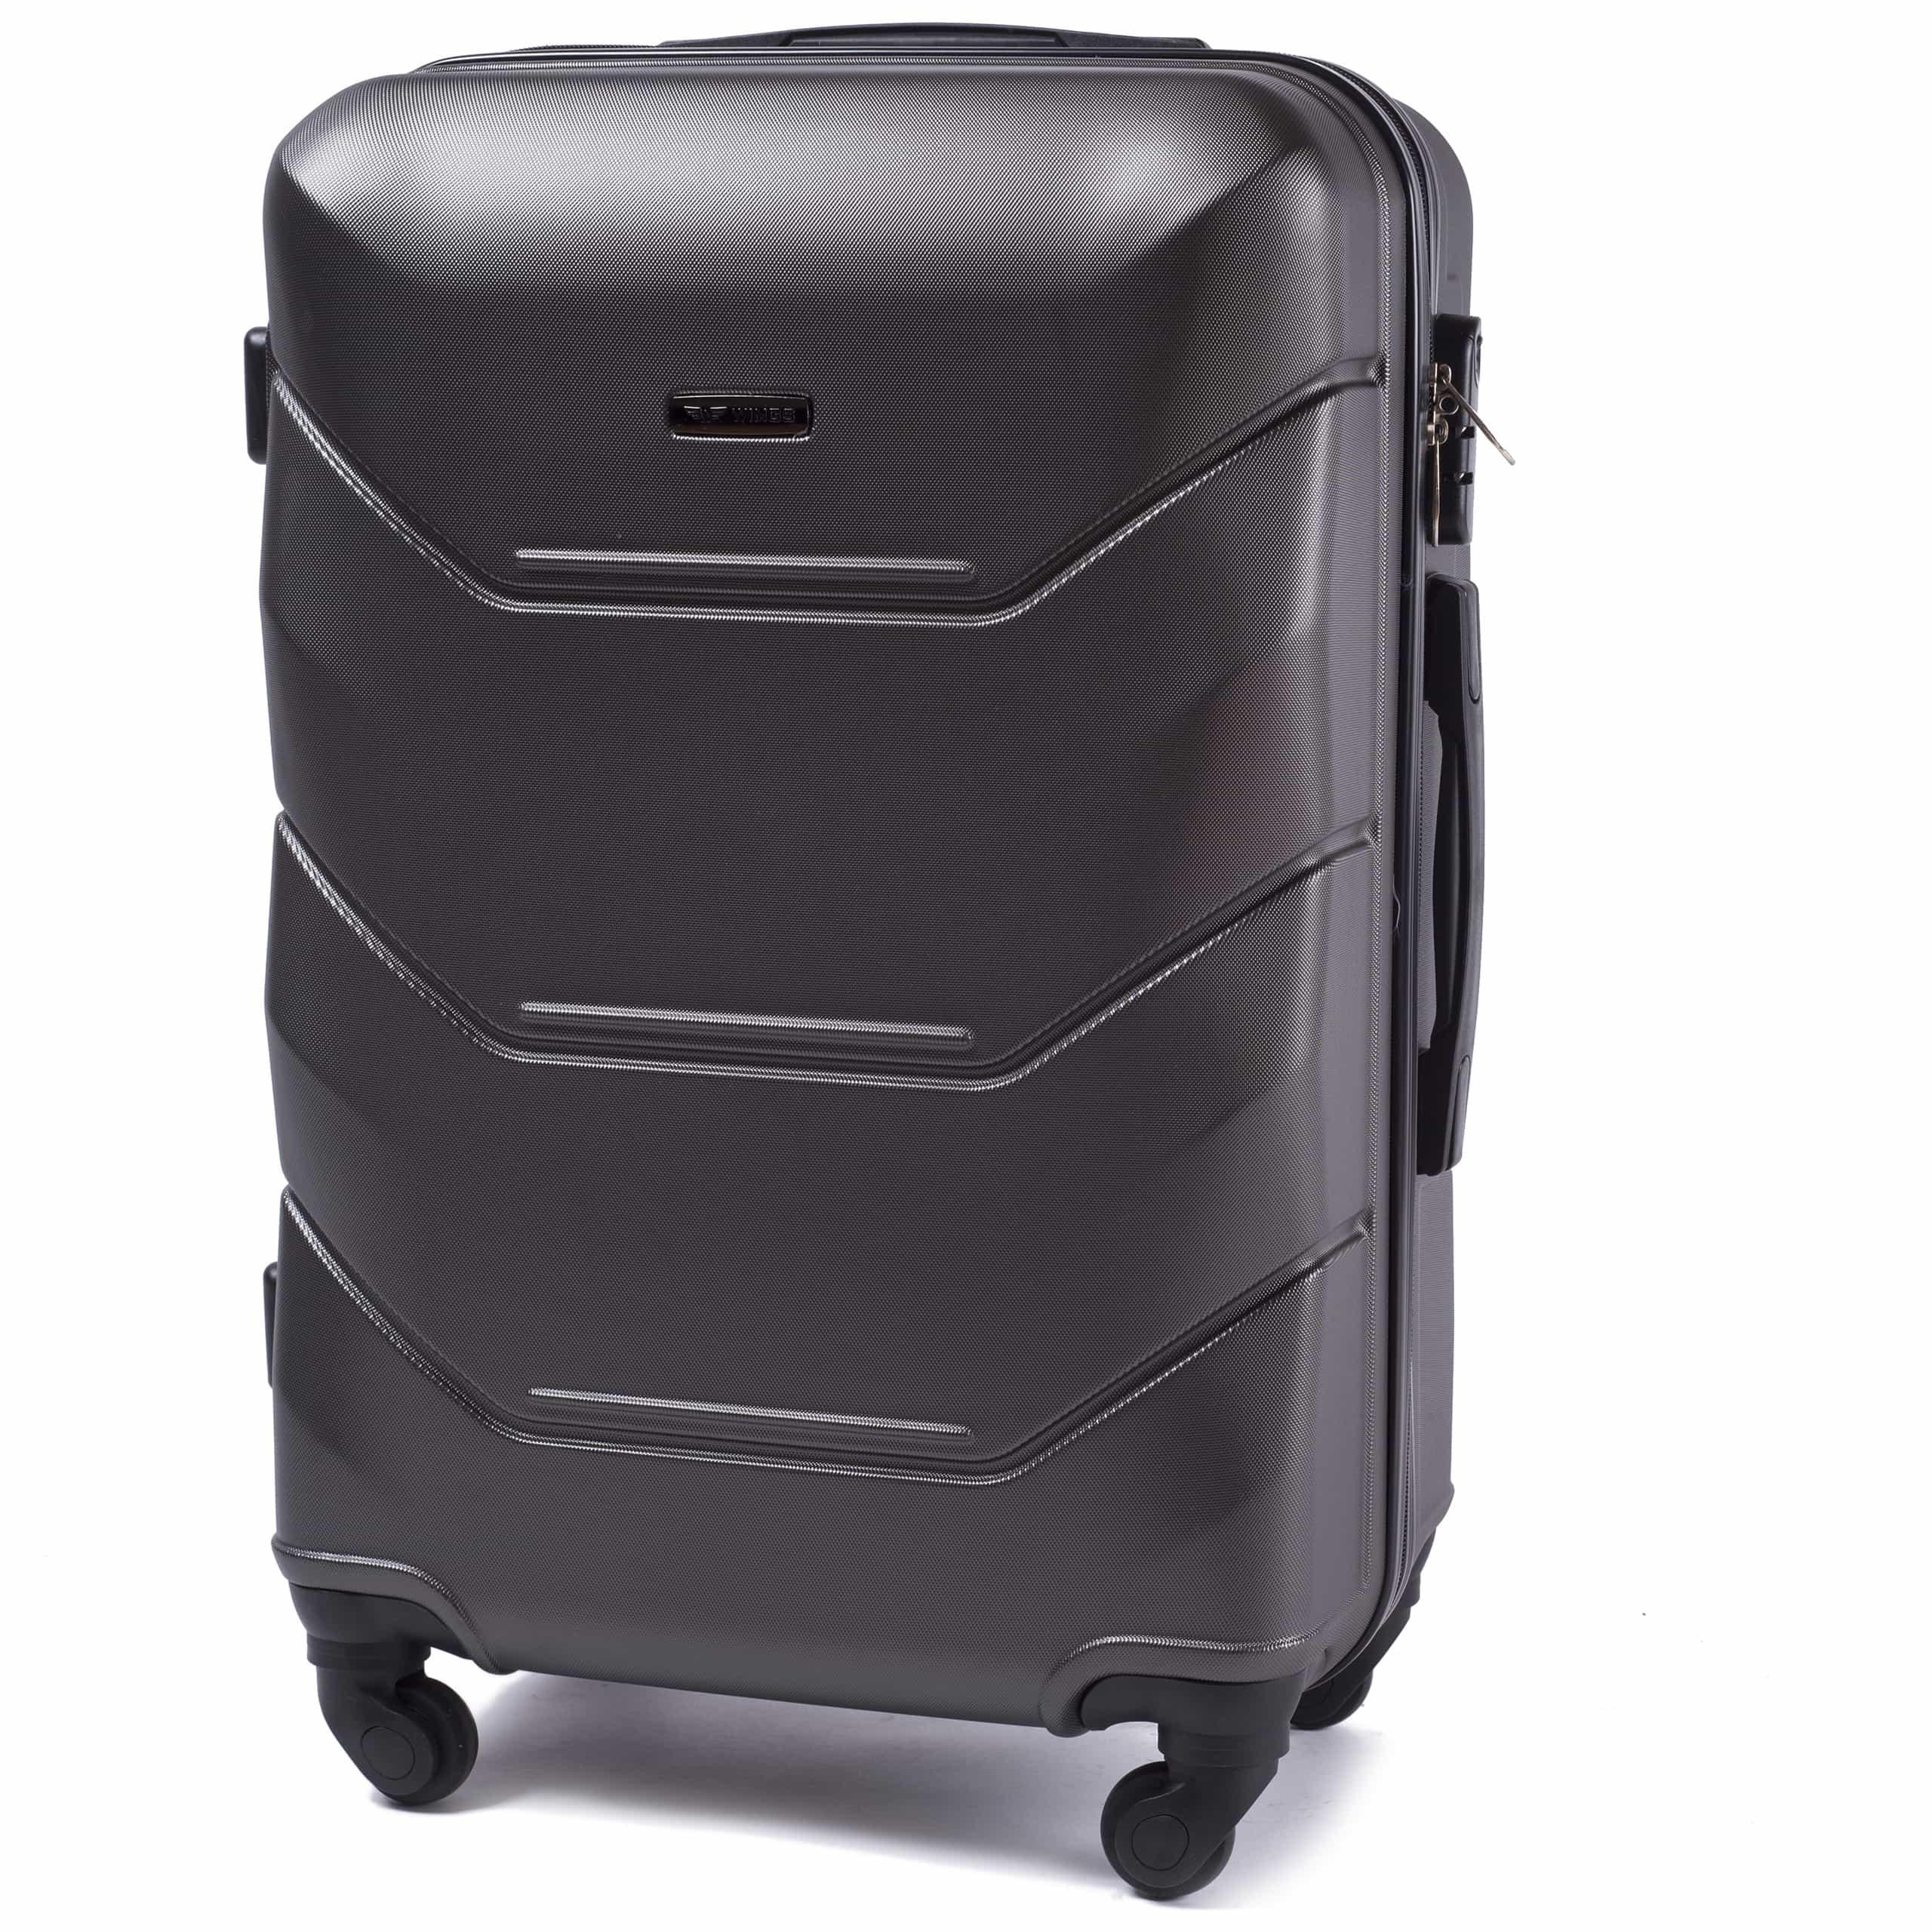 СРЕДНИЙ ЧЕМОДАН WINGS 147 M DARK GREY PREMIUM НА 4-Х КАУЧУКОВЫХ КОЛЕСАХ! Для багажа ,до 18 кг